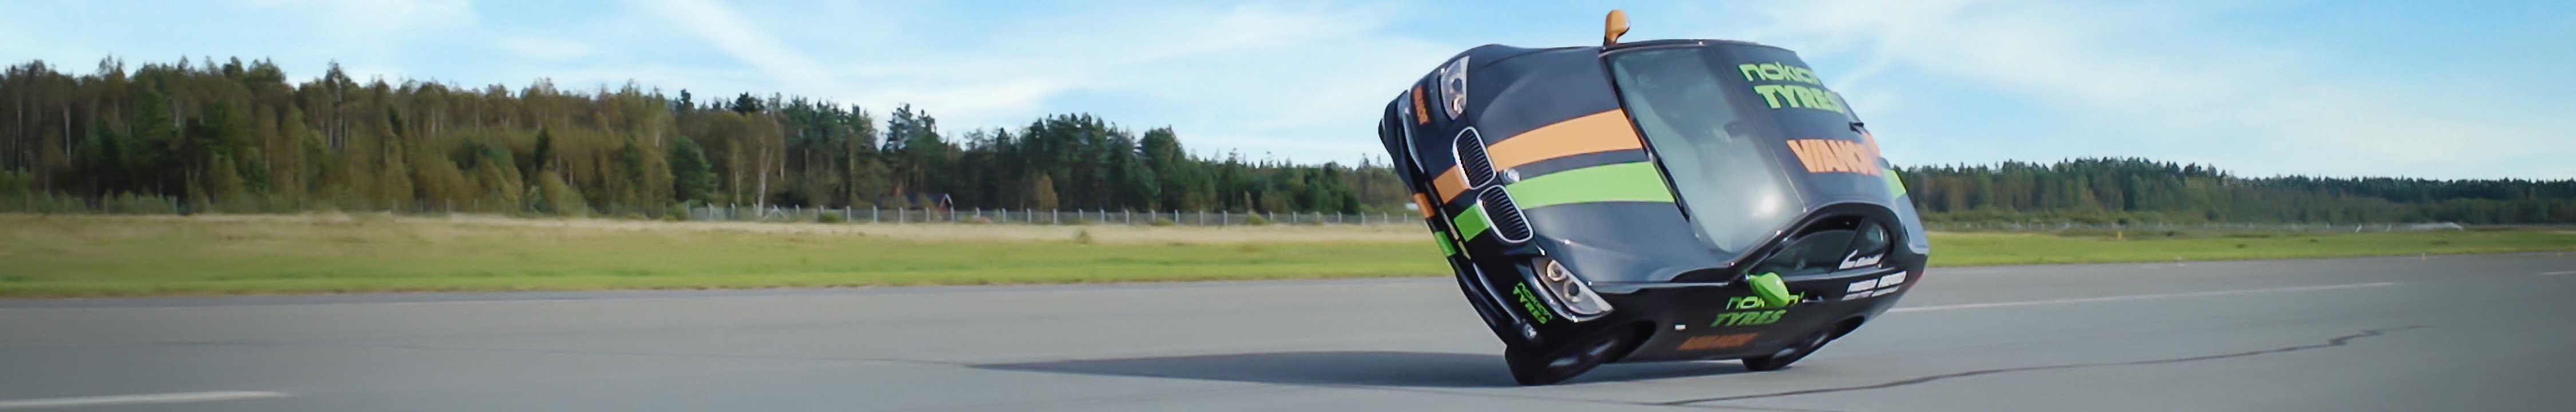 芬兰诺记轮胎 banner